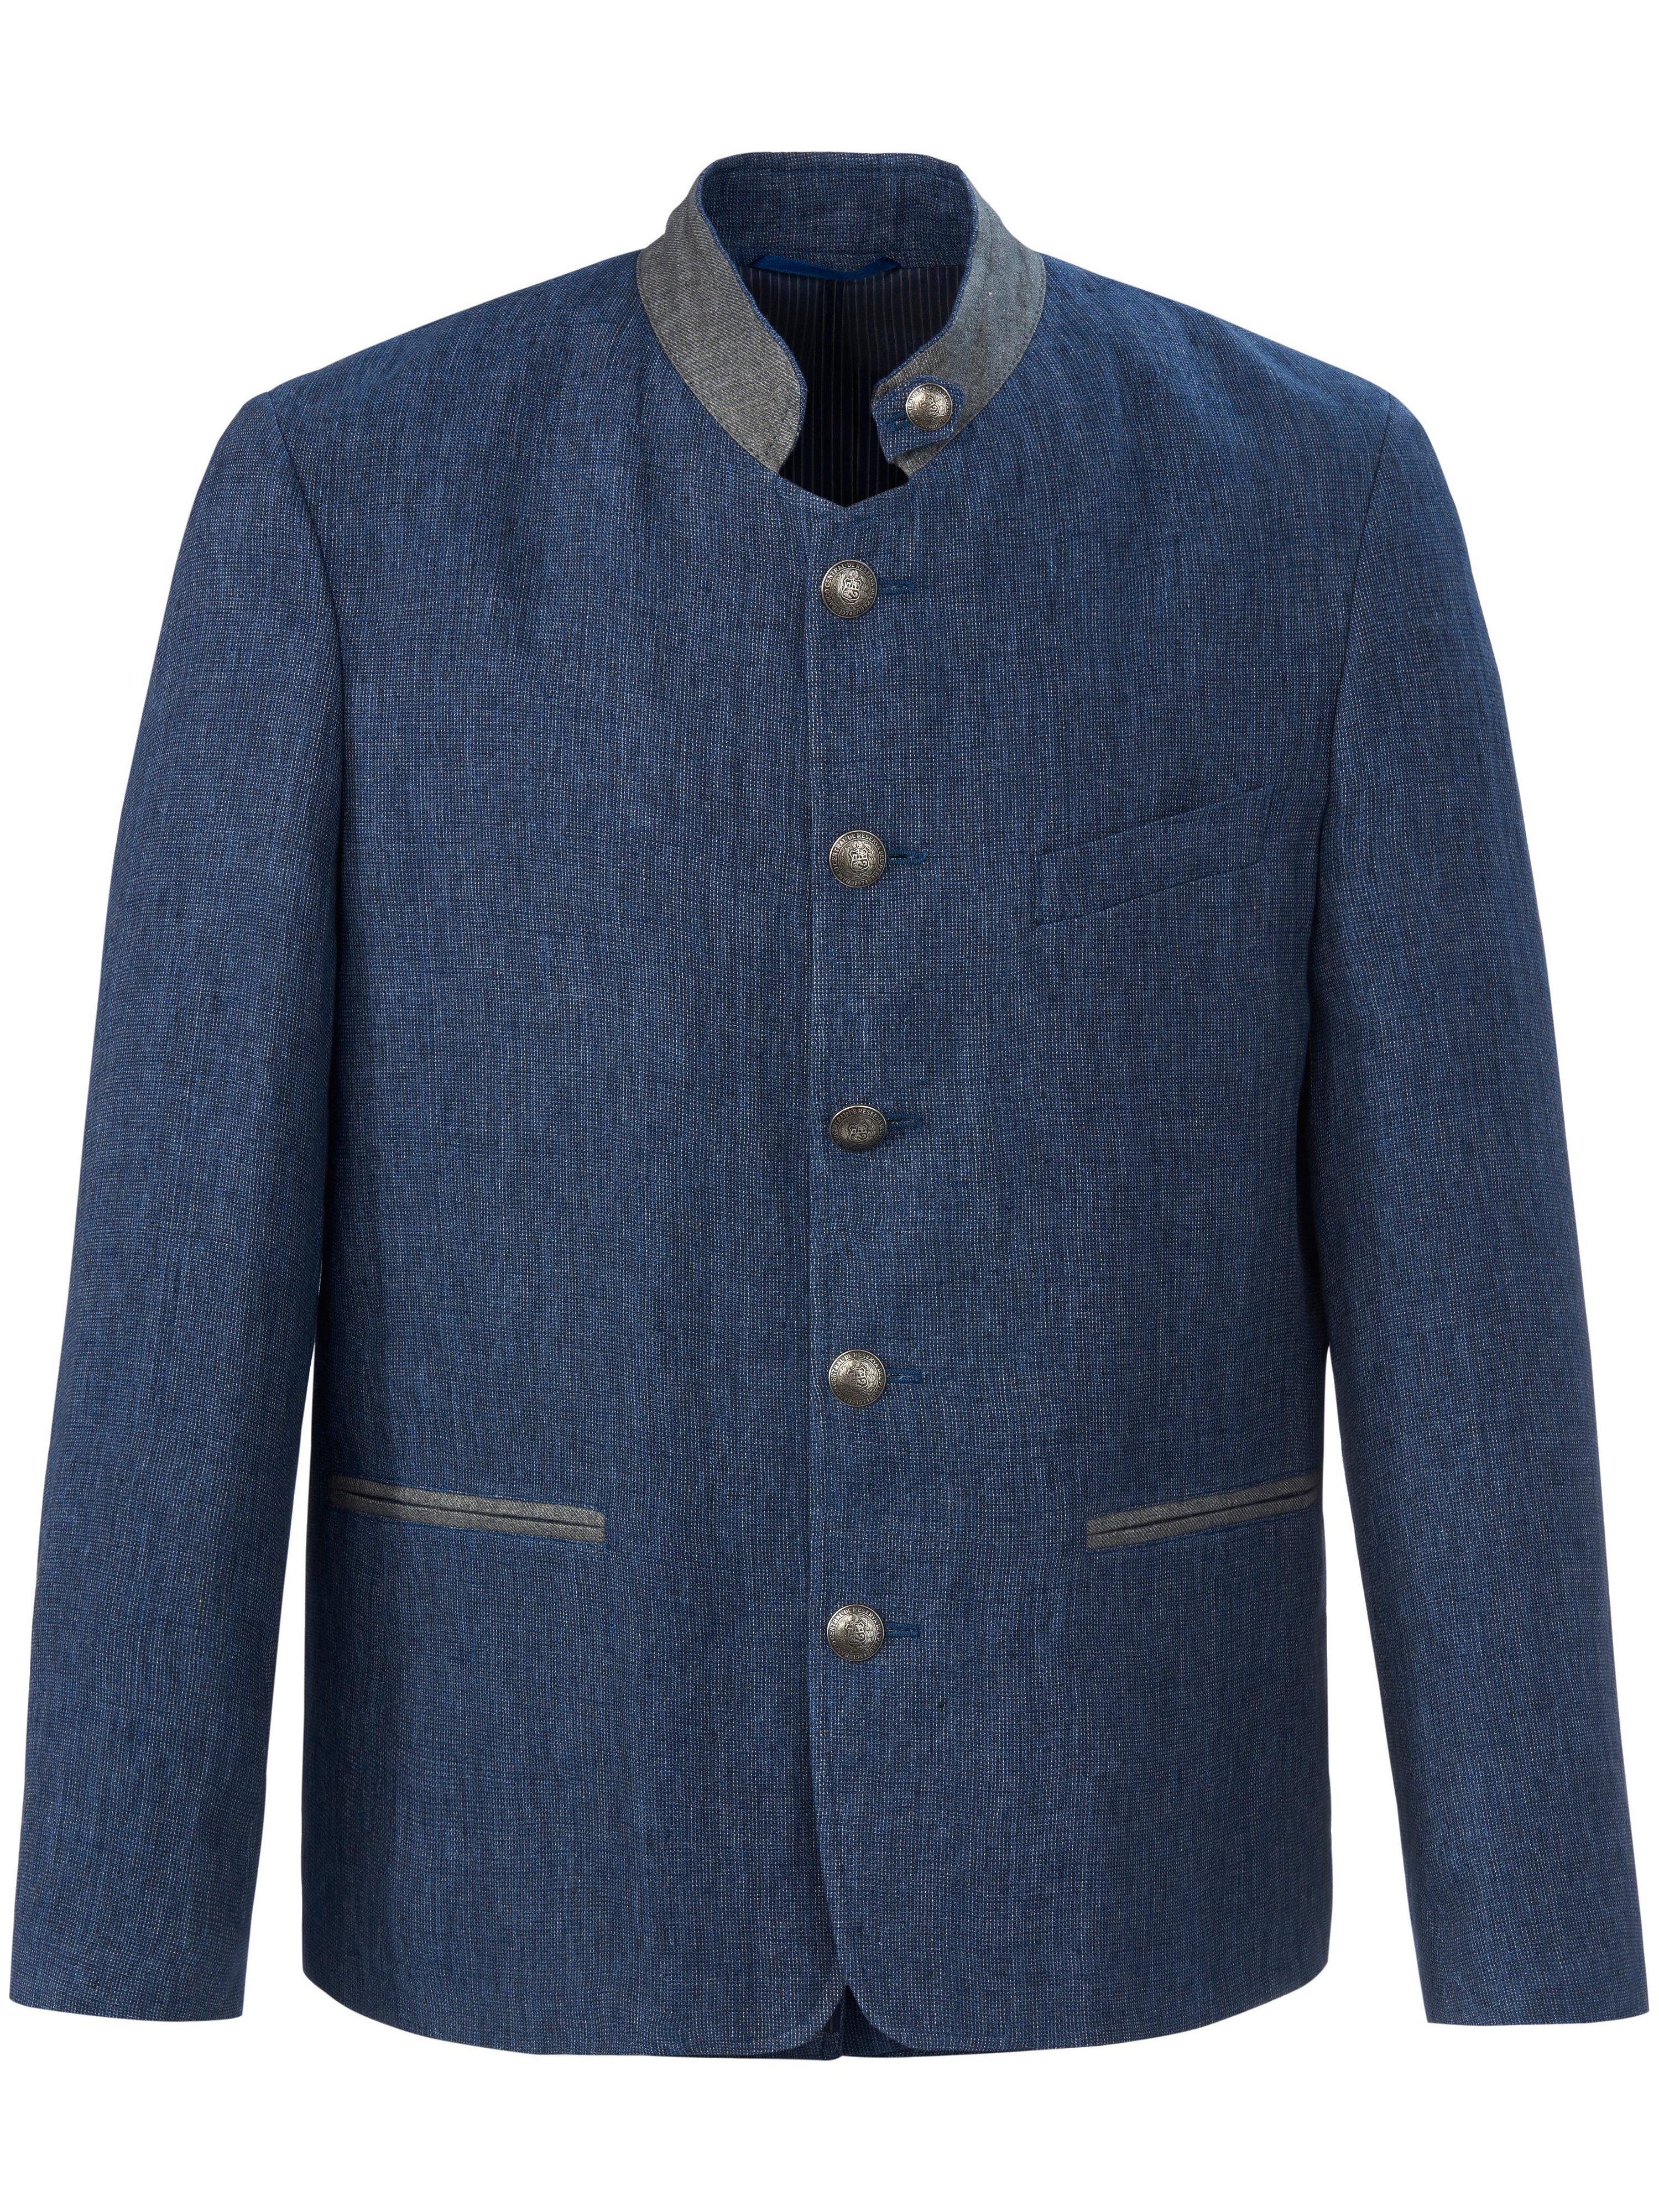 Folklorejasje 100% linnen Van Lodenfrey blauw